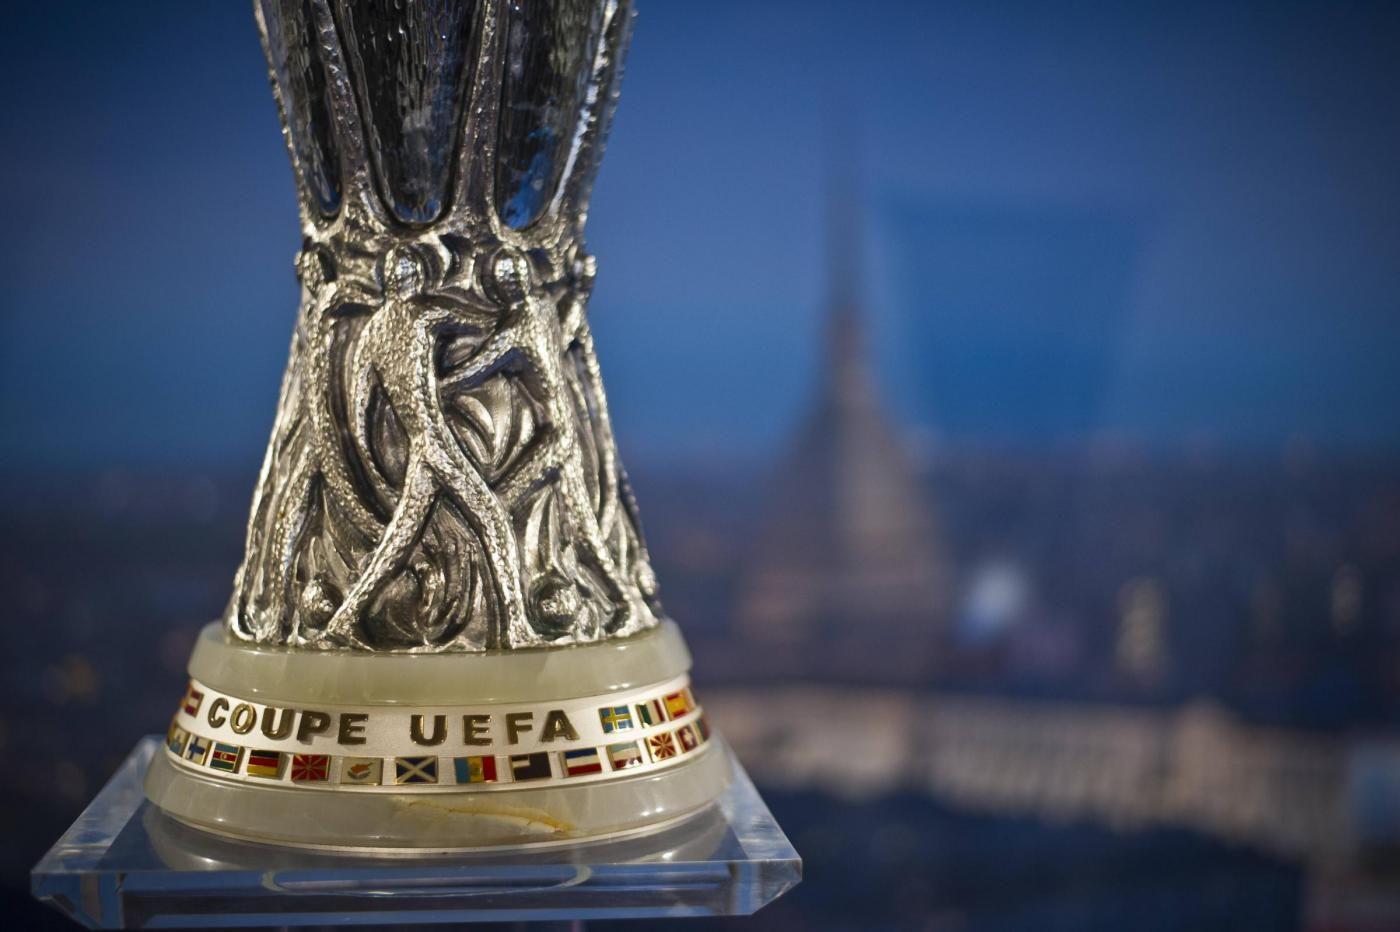 Europa League, Keshla-Balzan giovedì 19 luglio: analisi e pronostico del ritorno degli ottavi dei preliminari del torneo